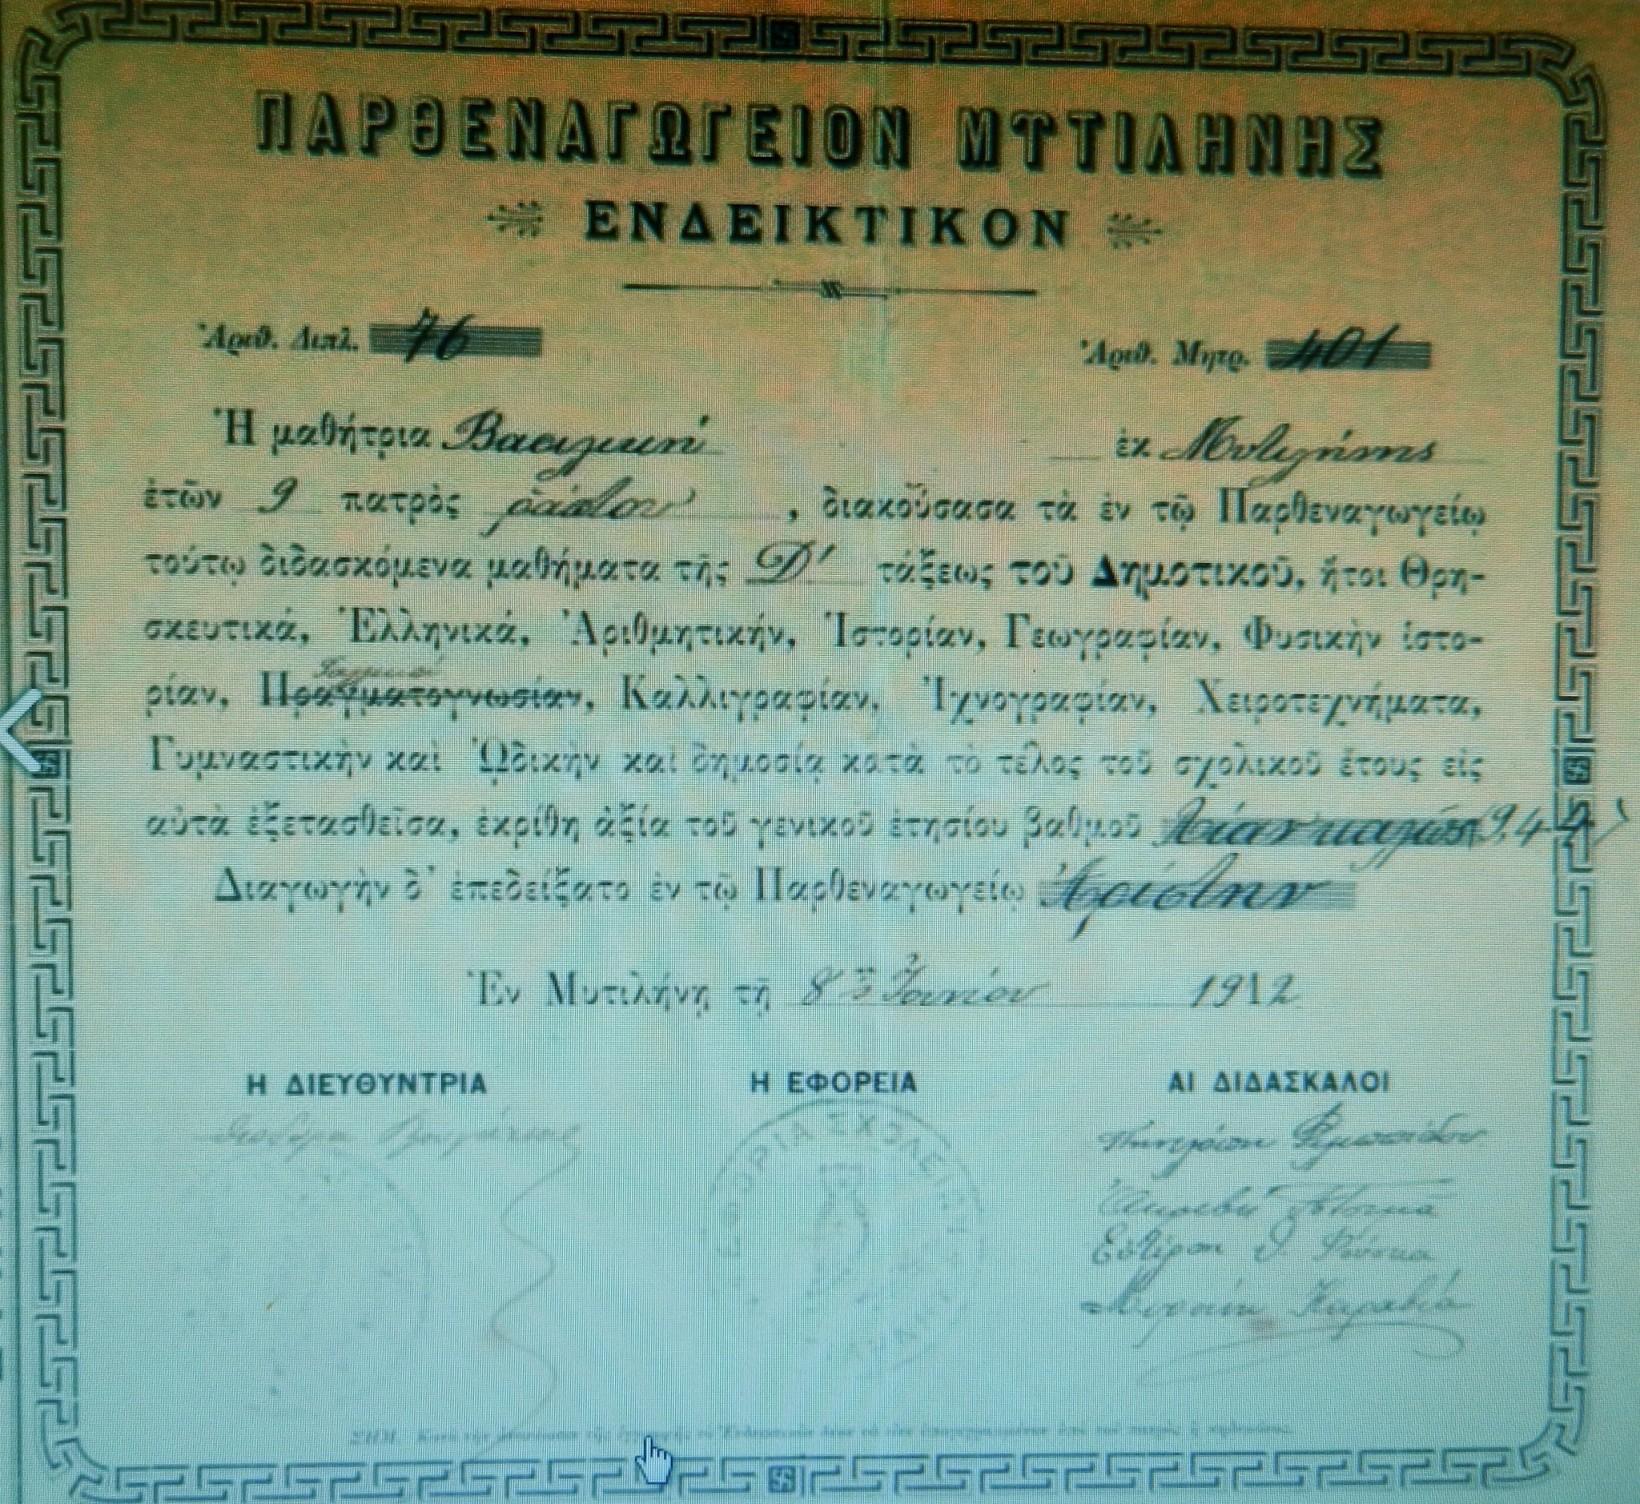 Ενδεικτικό - 1912